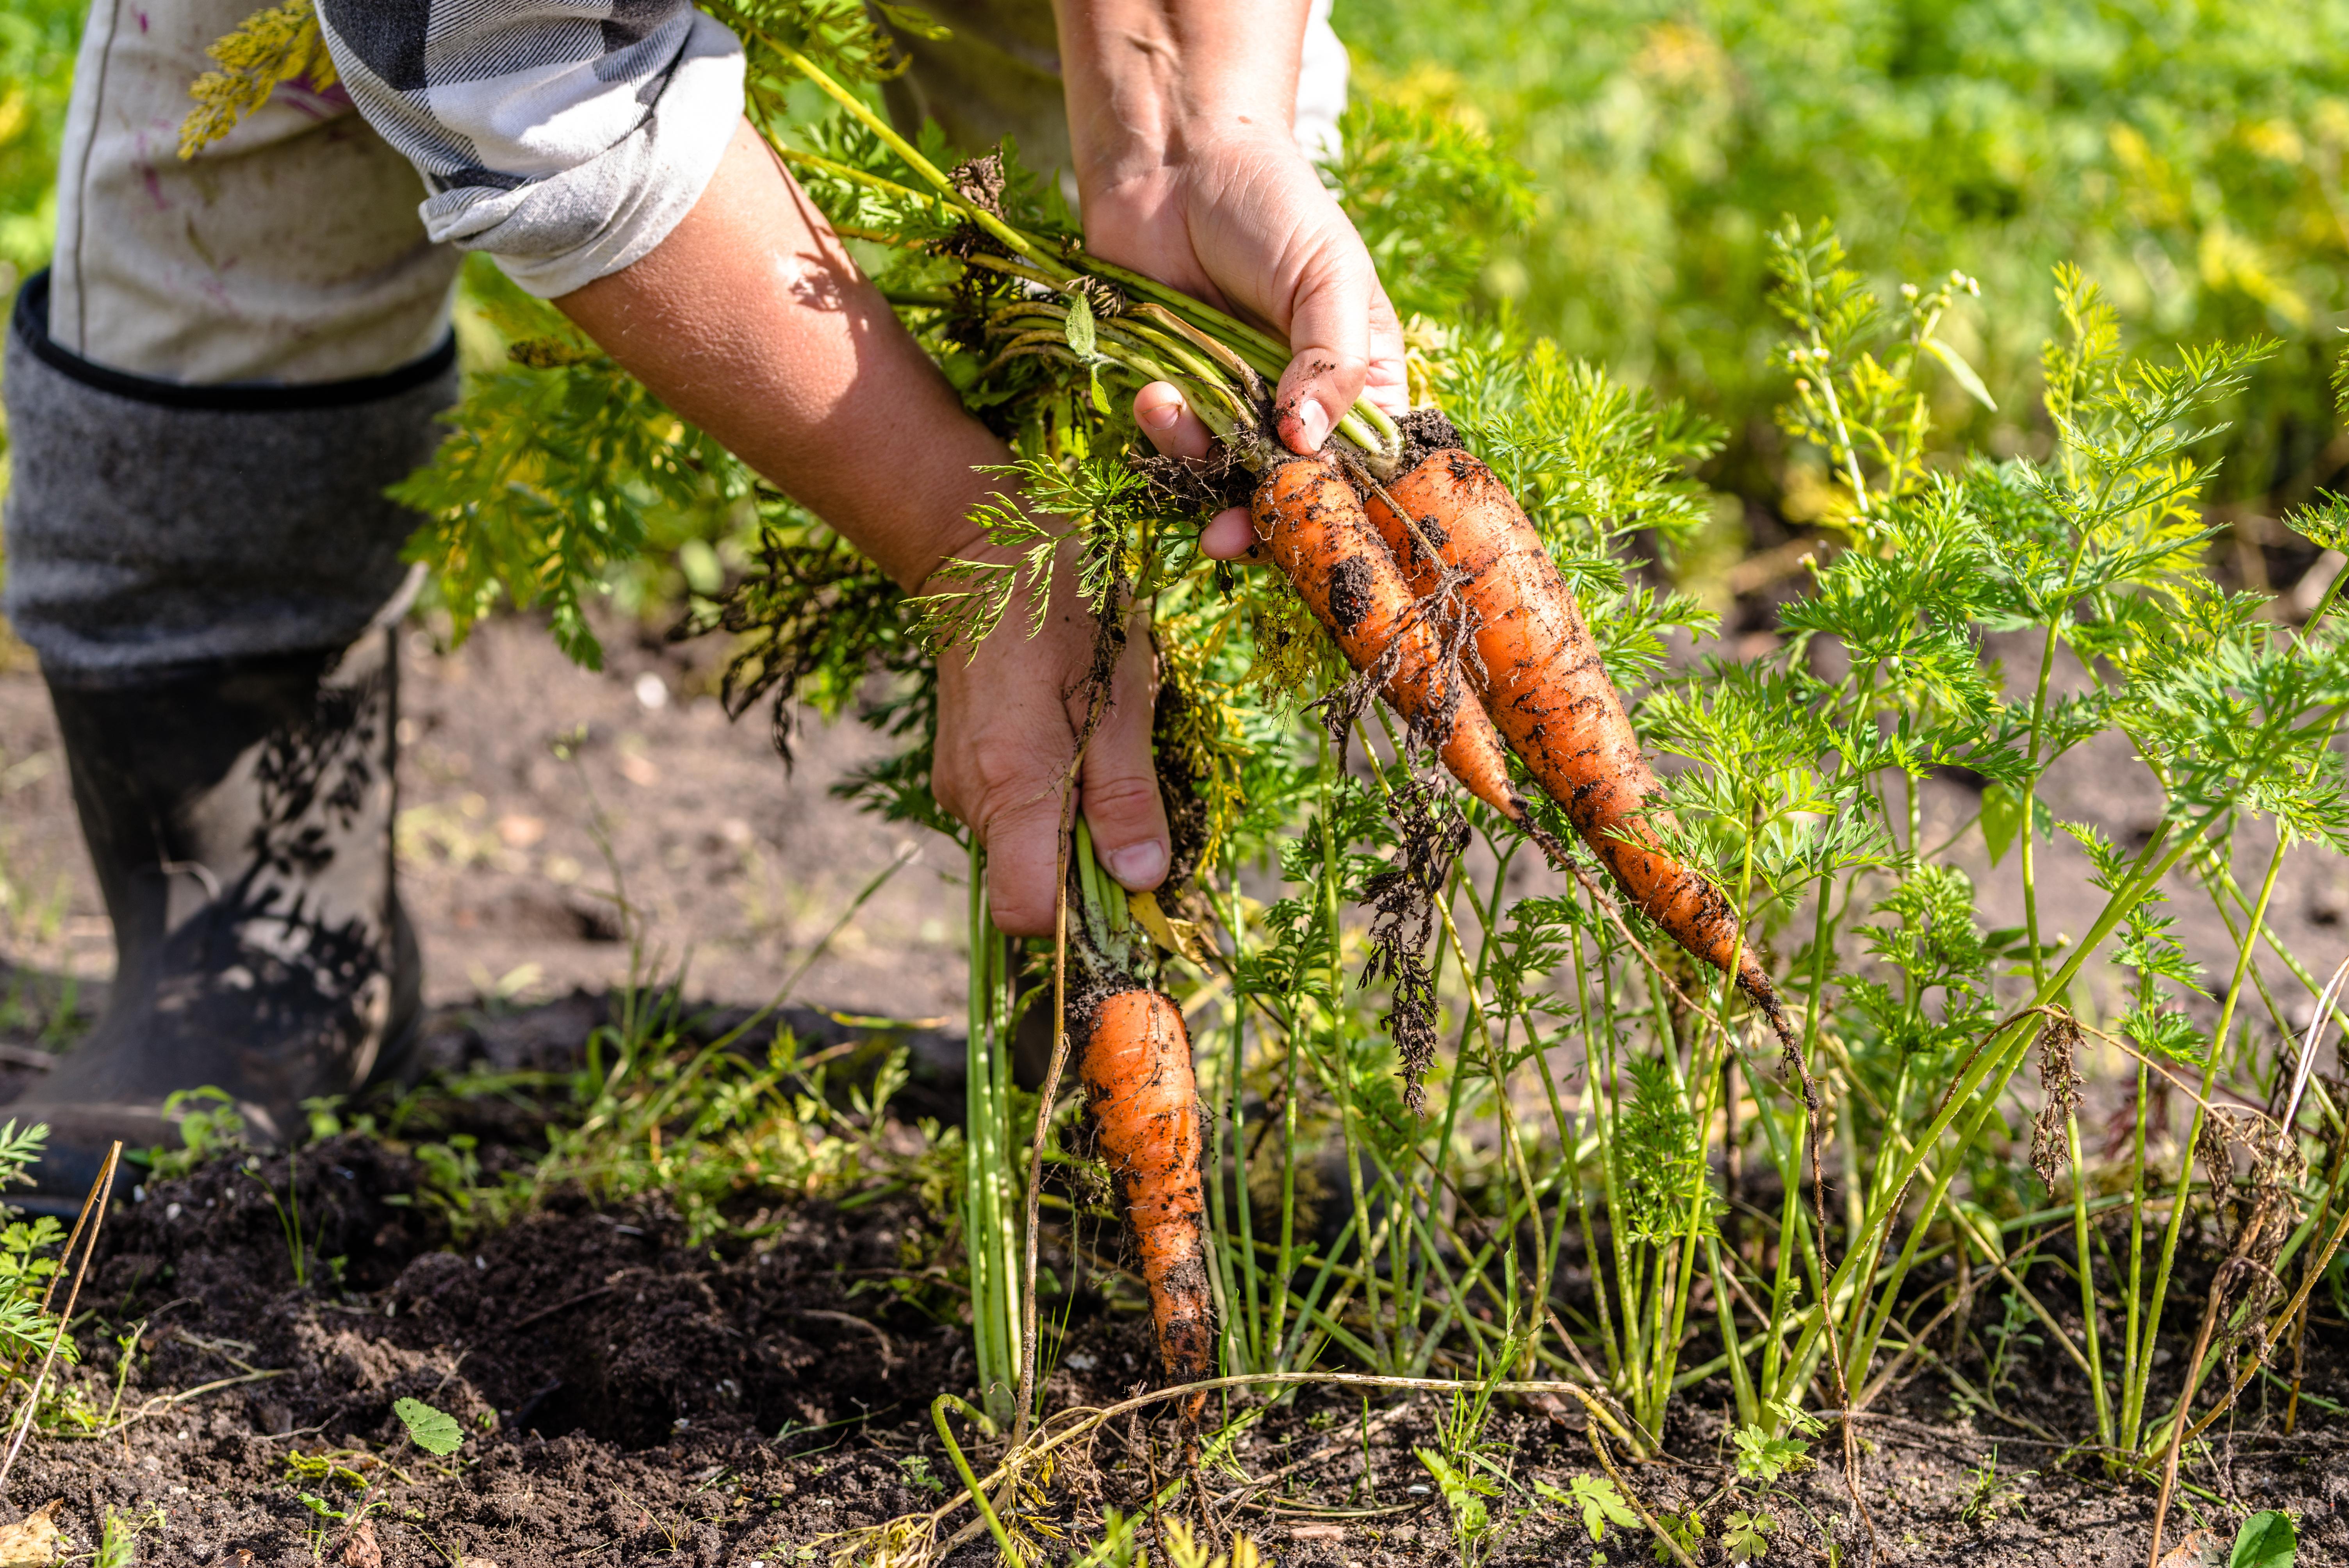 Когда убирать морковь с грядки на хранение в 2021 году: таблица сроков уборки по регионам, полезные советы и правила хранения